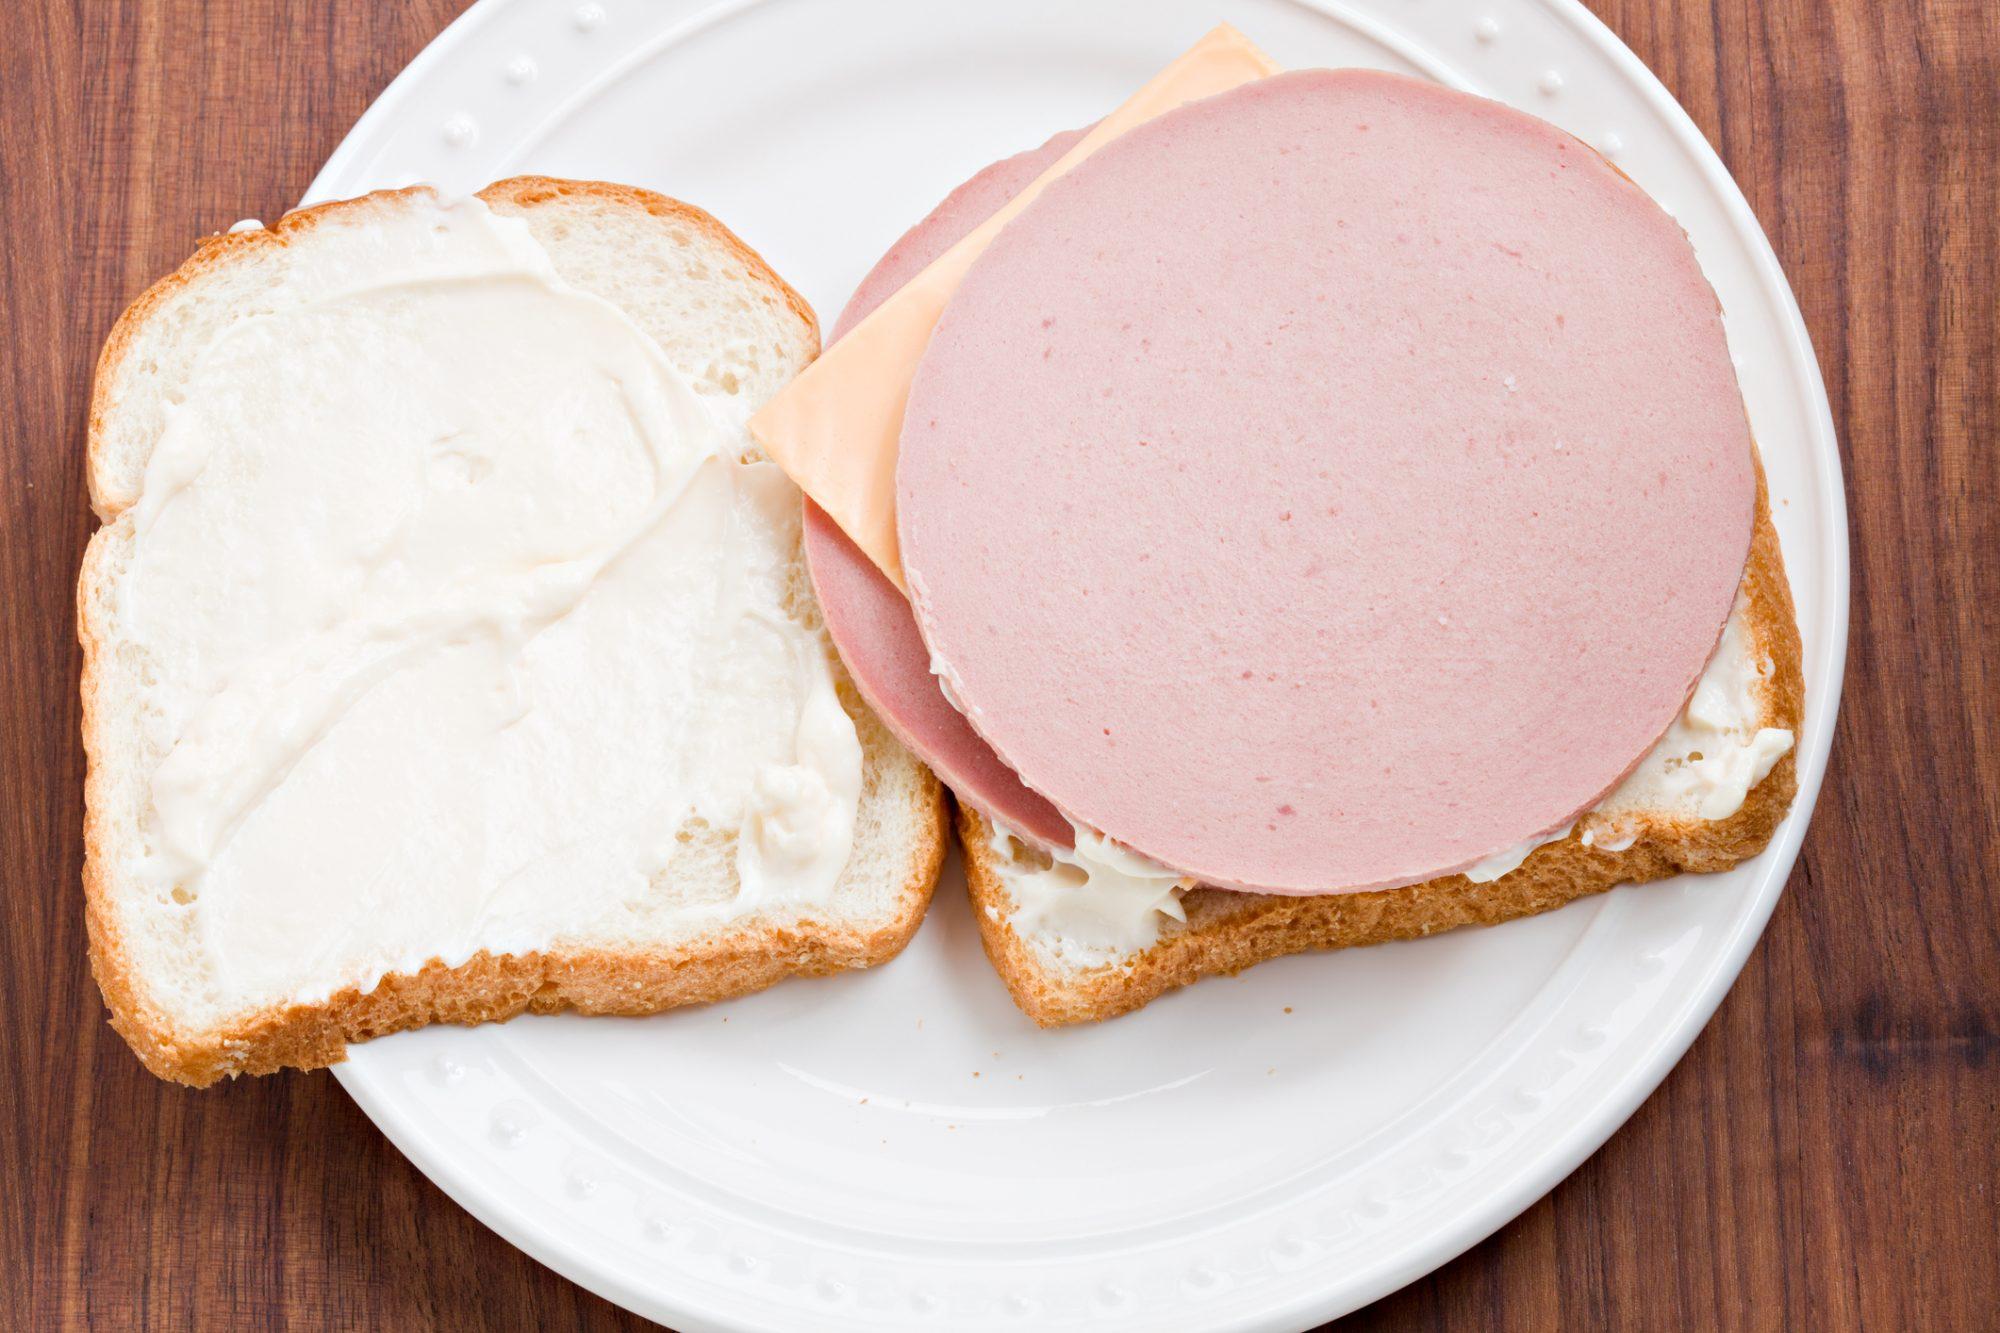 Картинка бутерброда с колбасой и сыром, розы